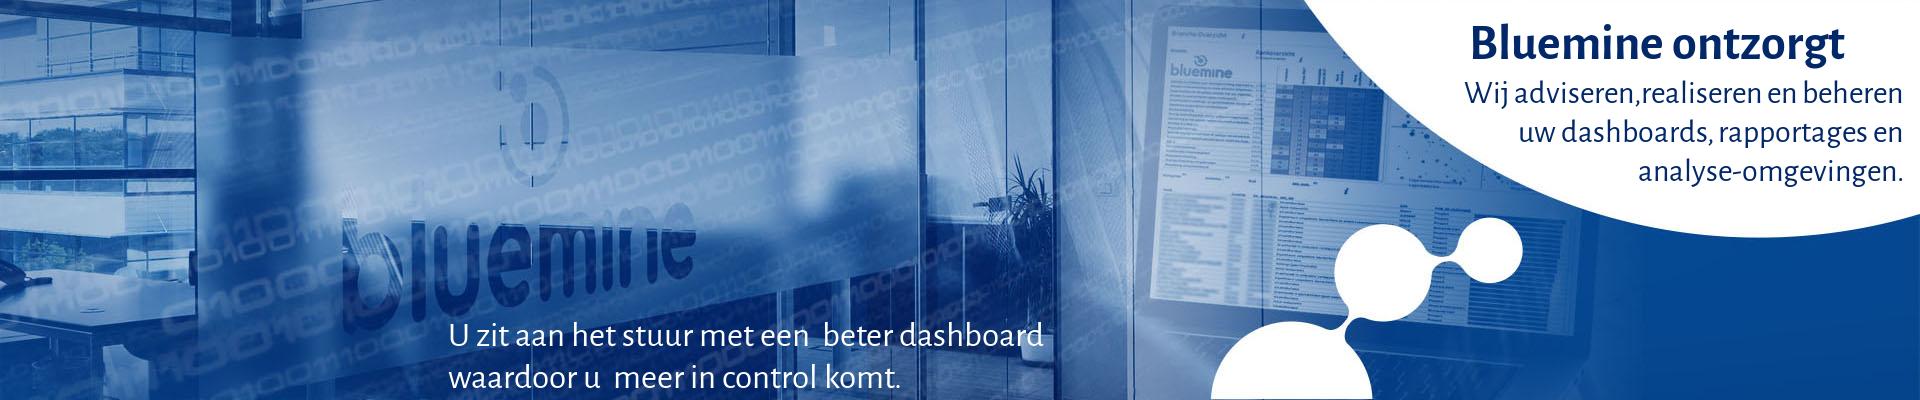 Bluemine ontzorgt : wij adviseren,realiseren en beheren  uw dashboards, rapportages en analyse-omgevingen.